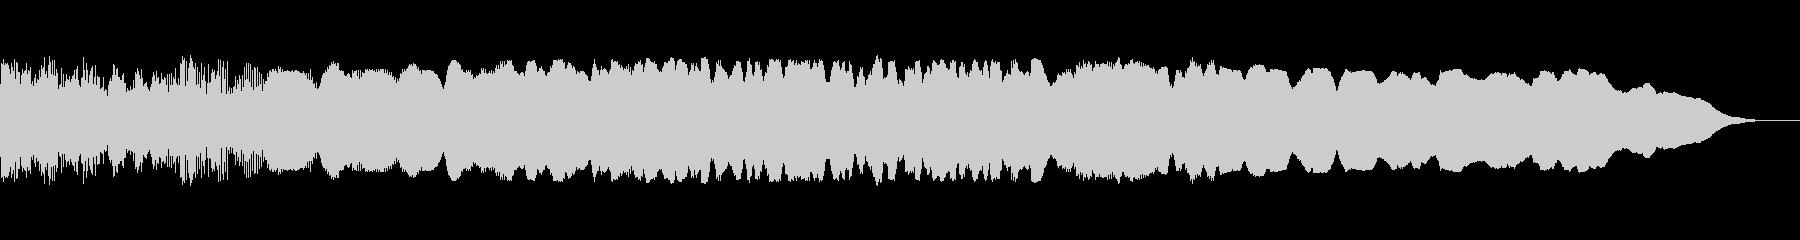 トークオーバートーン解消の未再生の波形